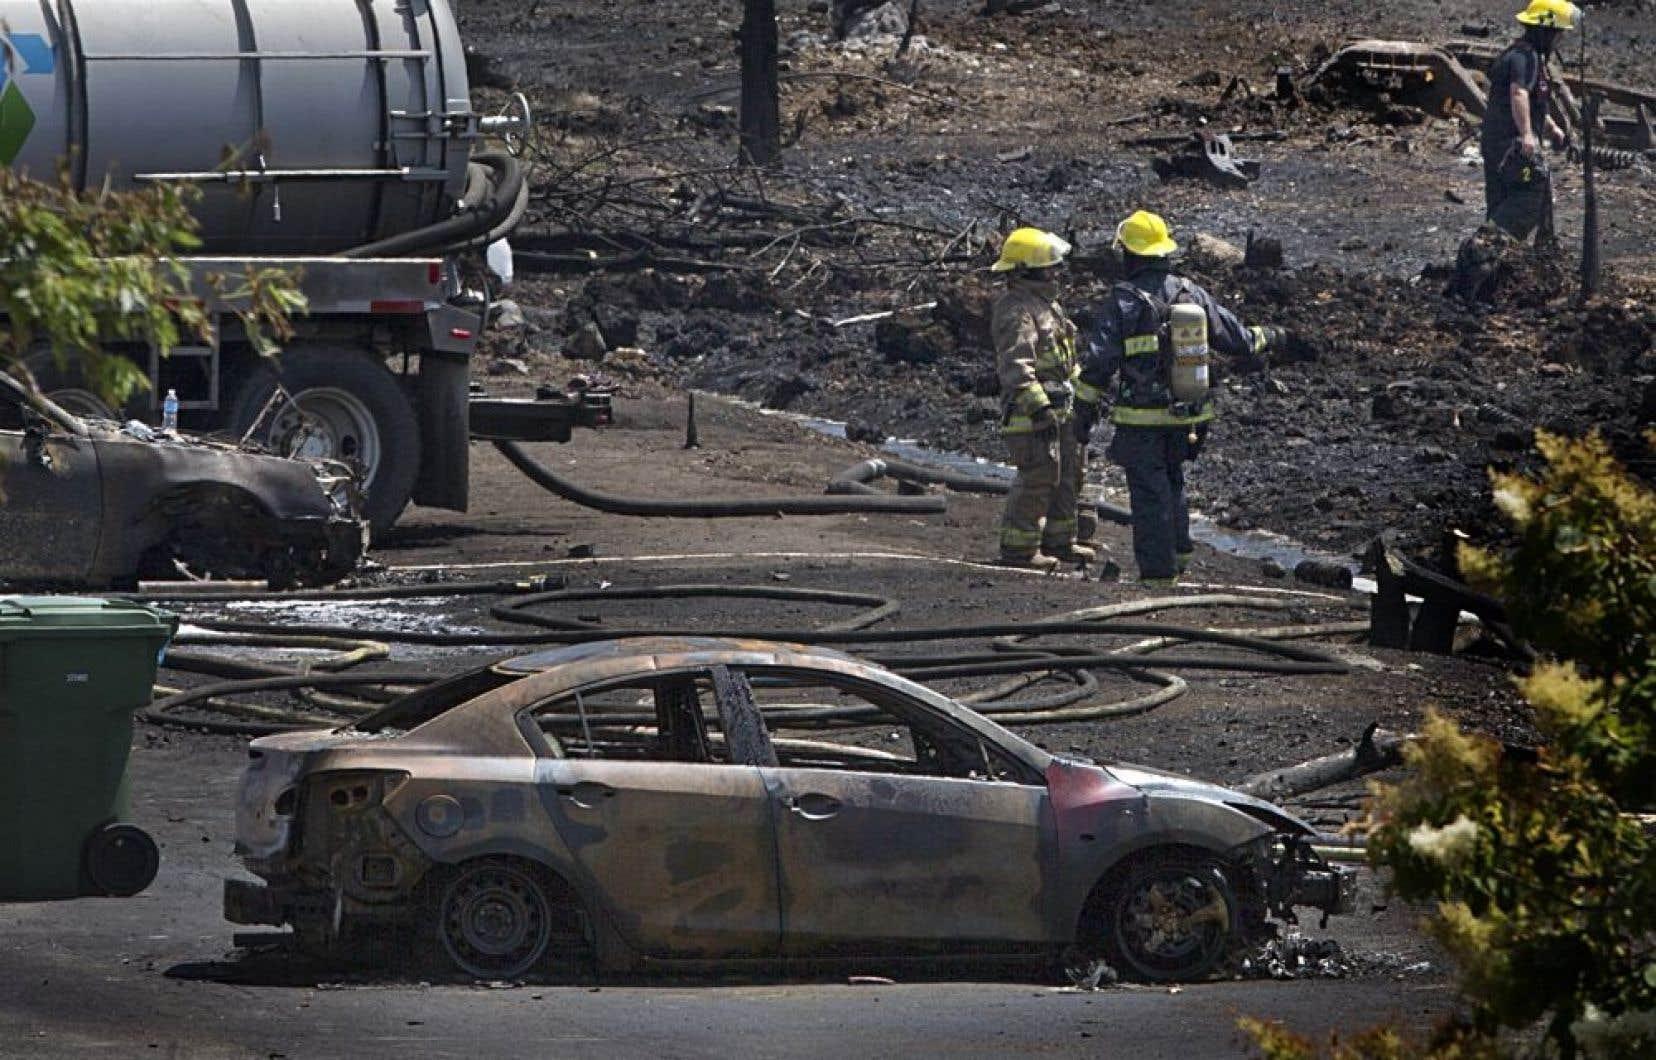 Plus d'une centaine de pompiers ont été appelés en renfort des villes voisines pour soutenir la municipalité dévastée à la suite des explosions du samedi 6 juillet.